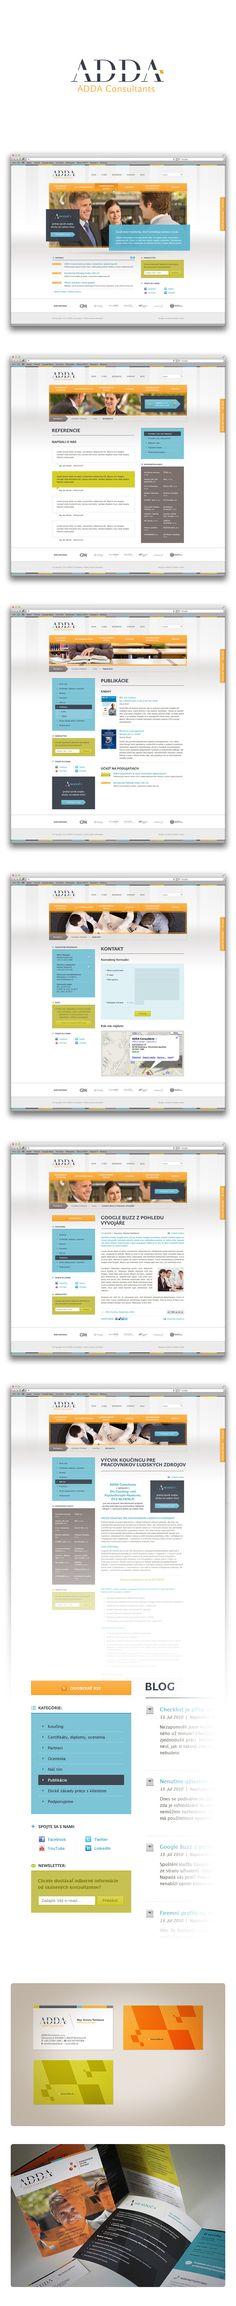 ADDA Consultants | Art4web | Kreatívna internetová agentúra | Tvorba webstránok, Grafický design, Copywriting, SEO